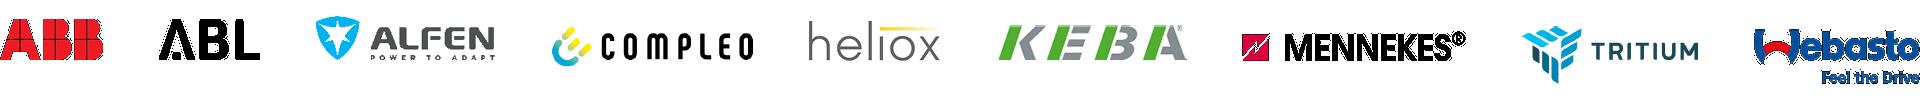 Hersteller von Ladestationen Logos